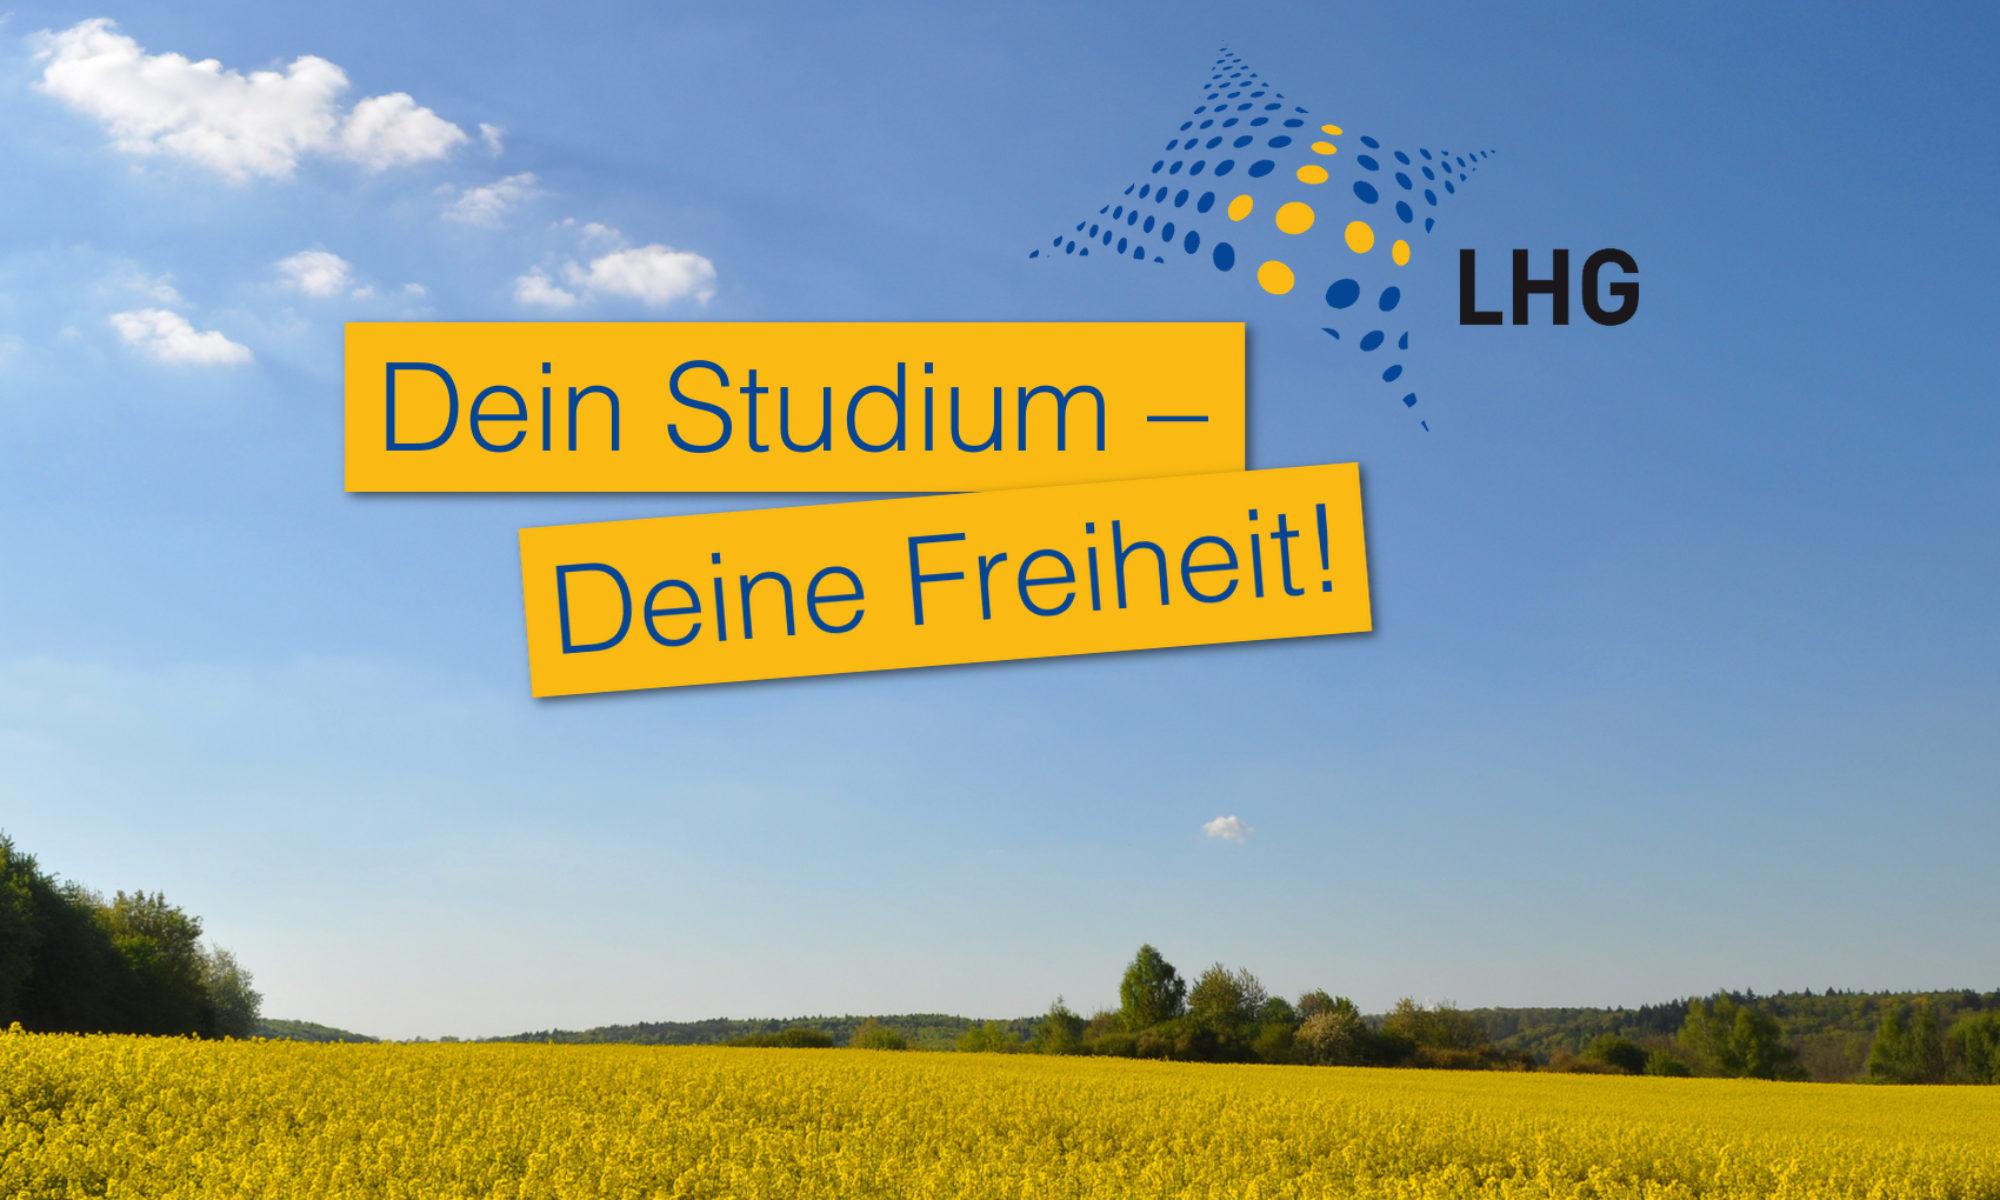 liberale-hochschulgruppen.de